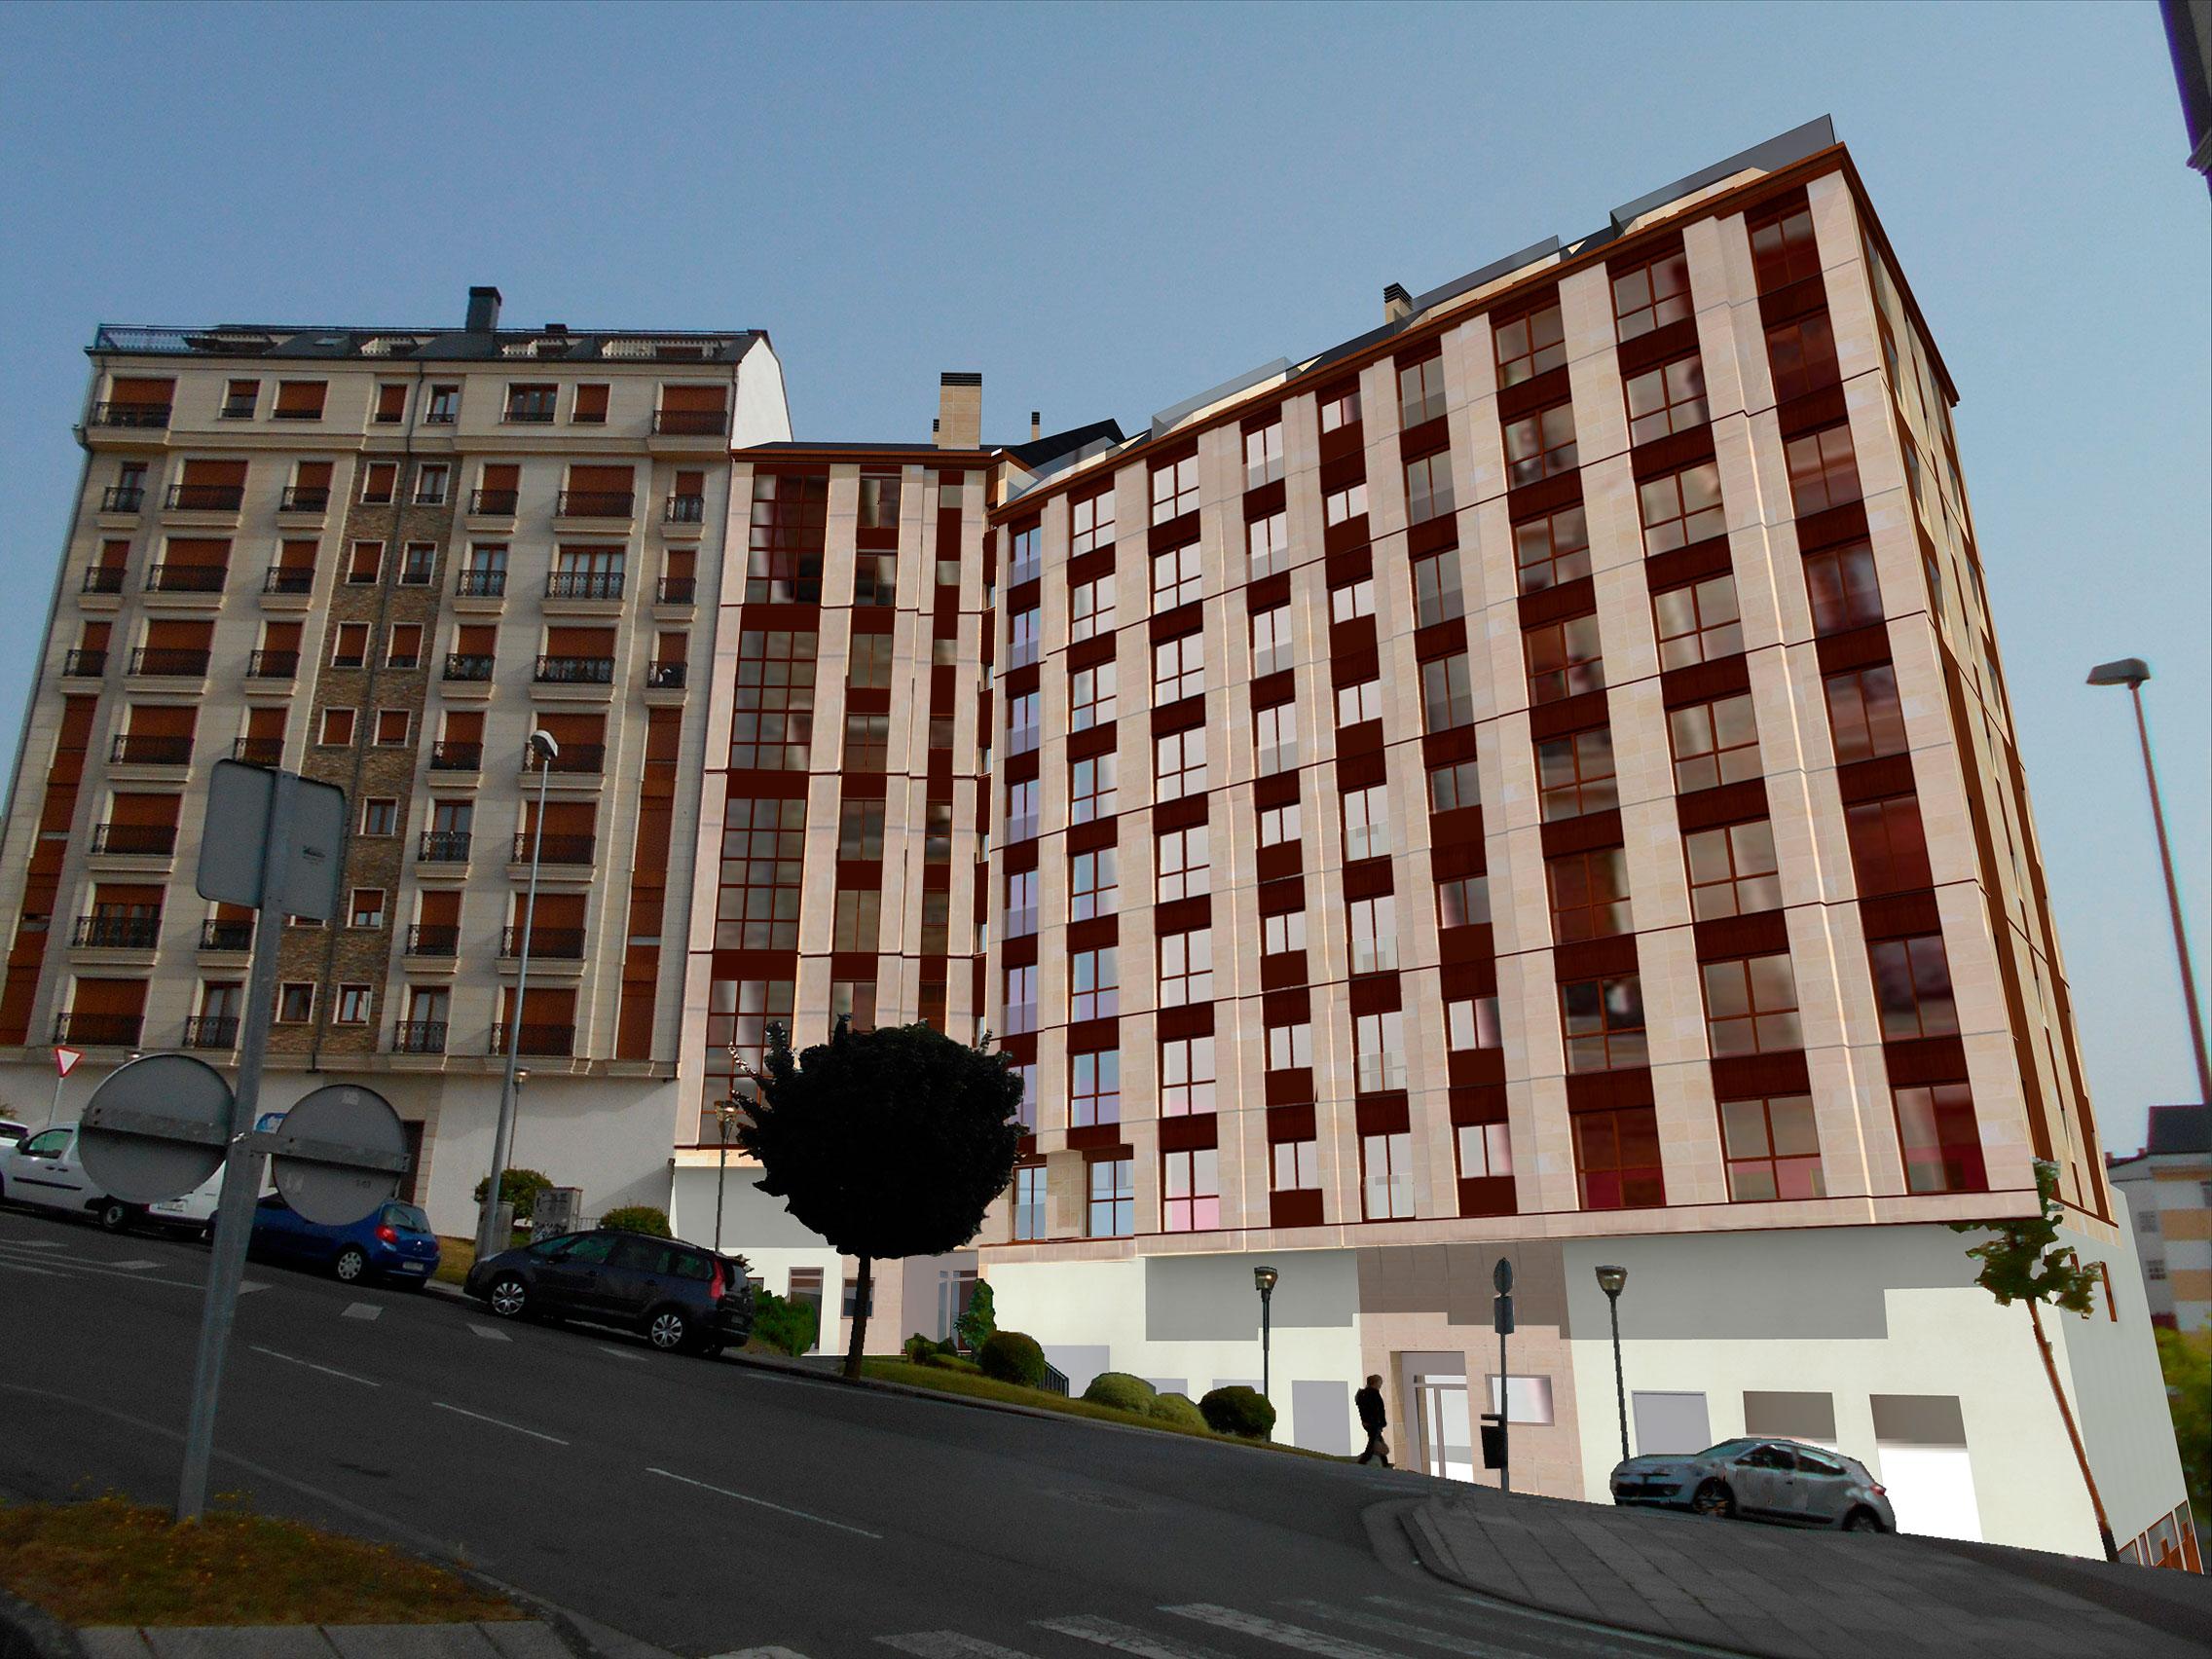 PISOS DE NUEVA CONTRUCCION EN CATASOL